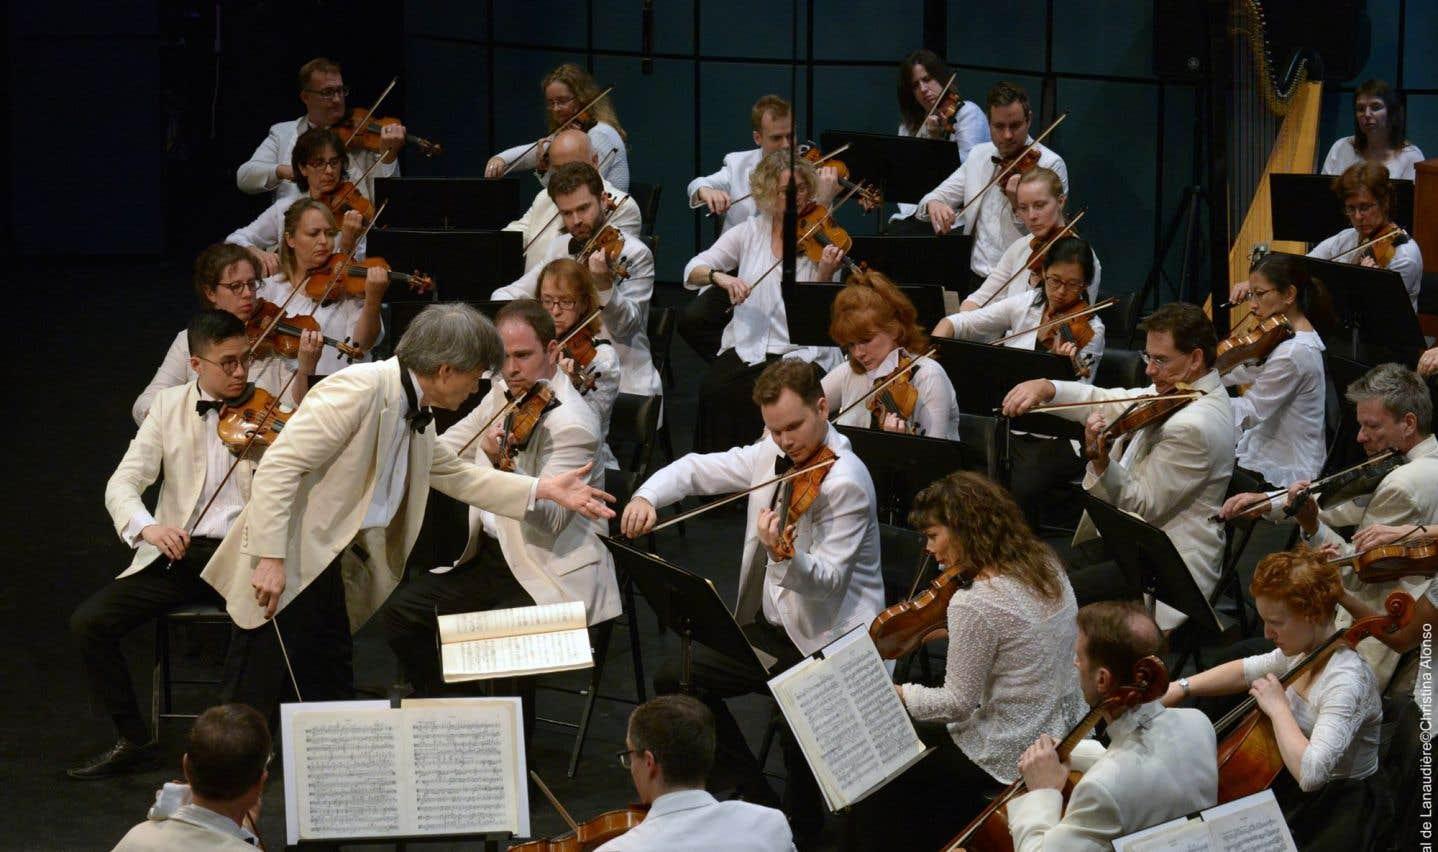 Le 29juin, l'Orchestre symphonique de Montréal annonçait que Kent Nagano n'acceptait pas la proposition de prolonger son contrat au-delà de 2020.